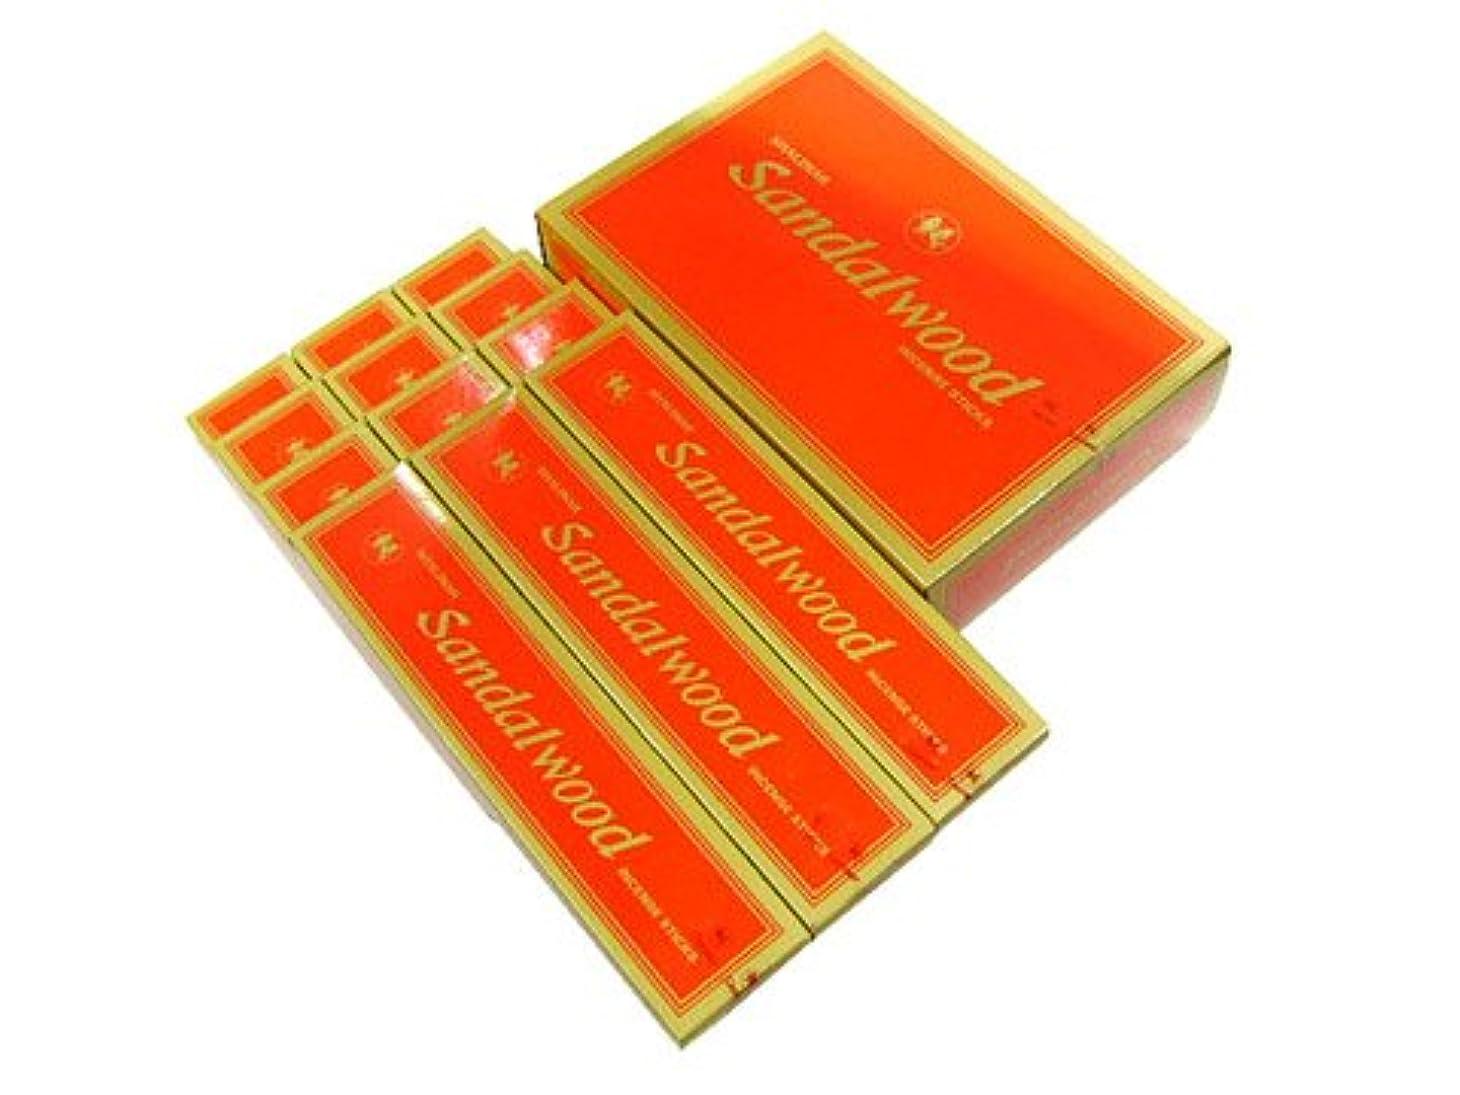 スピーチ否認する野心SHALIMAR(シャリマー) SANDALWOOD サンダルウッド香(レギュラーボックス) スティック 12箱セット